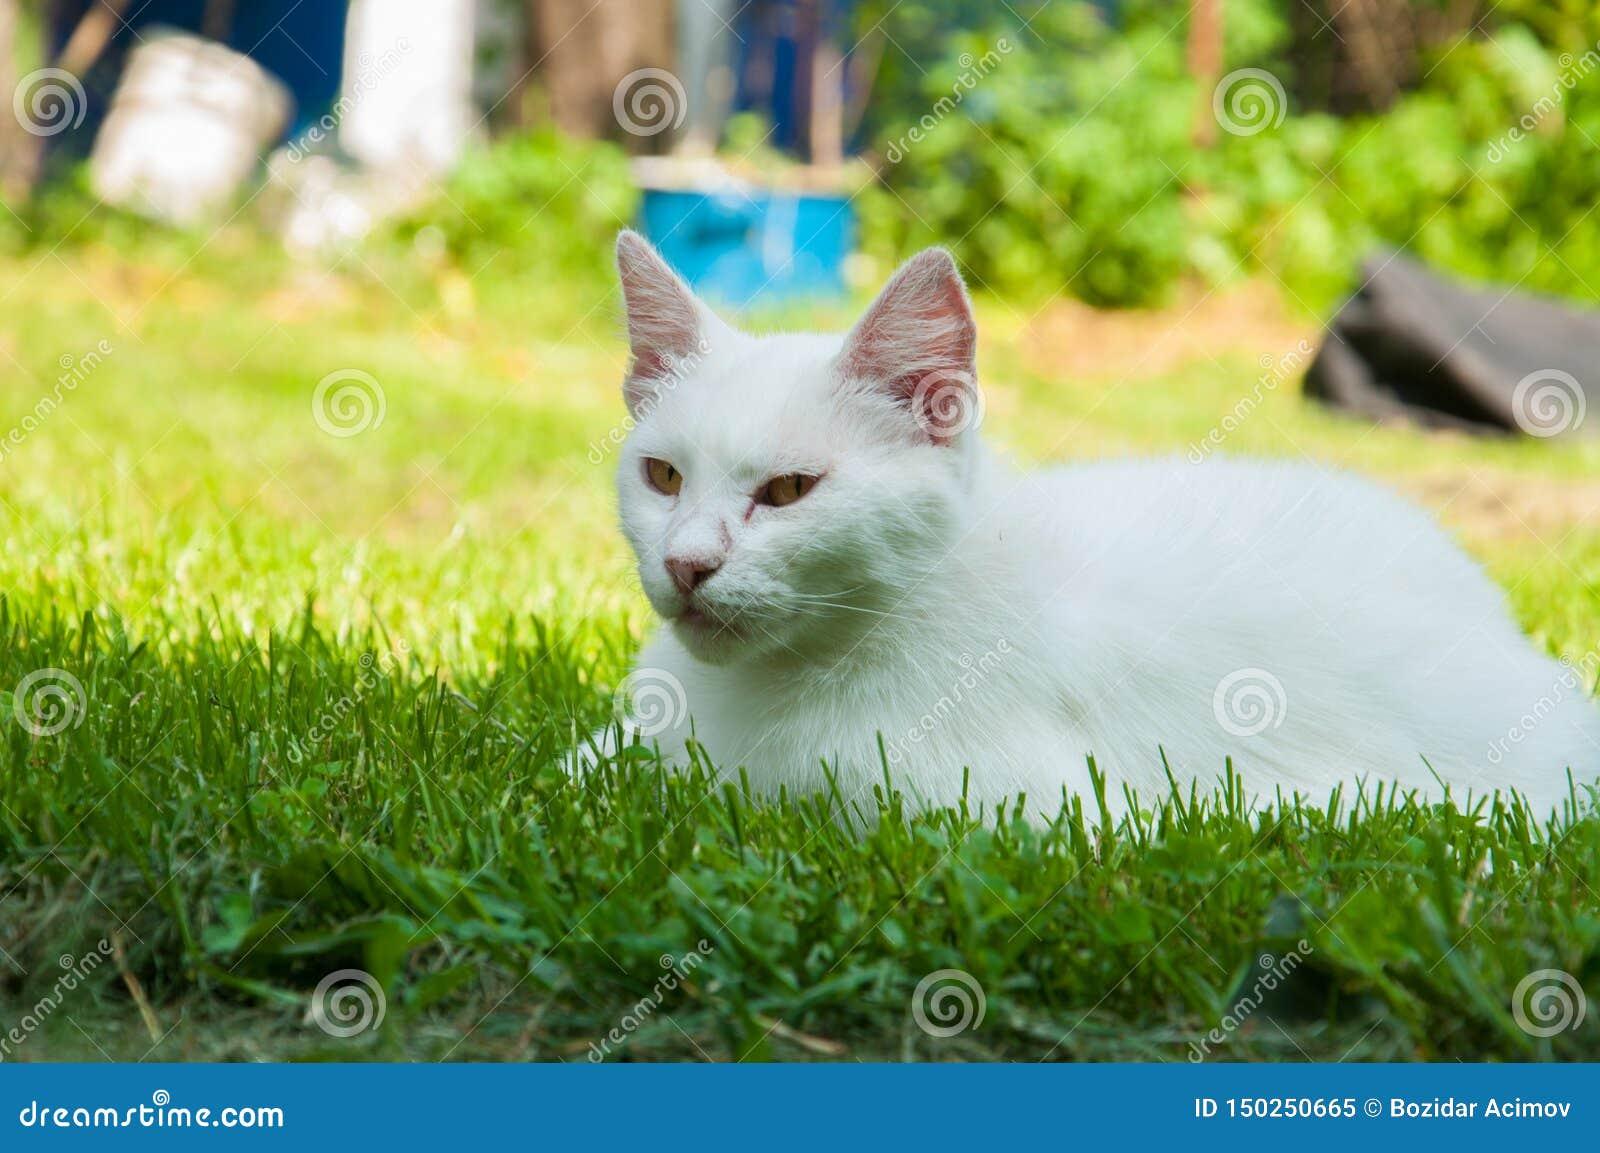 Μια όμορφη άσπρη γάτα που βρίσκεται σε μια πράσινη χλόη στον ήλιο